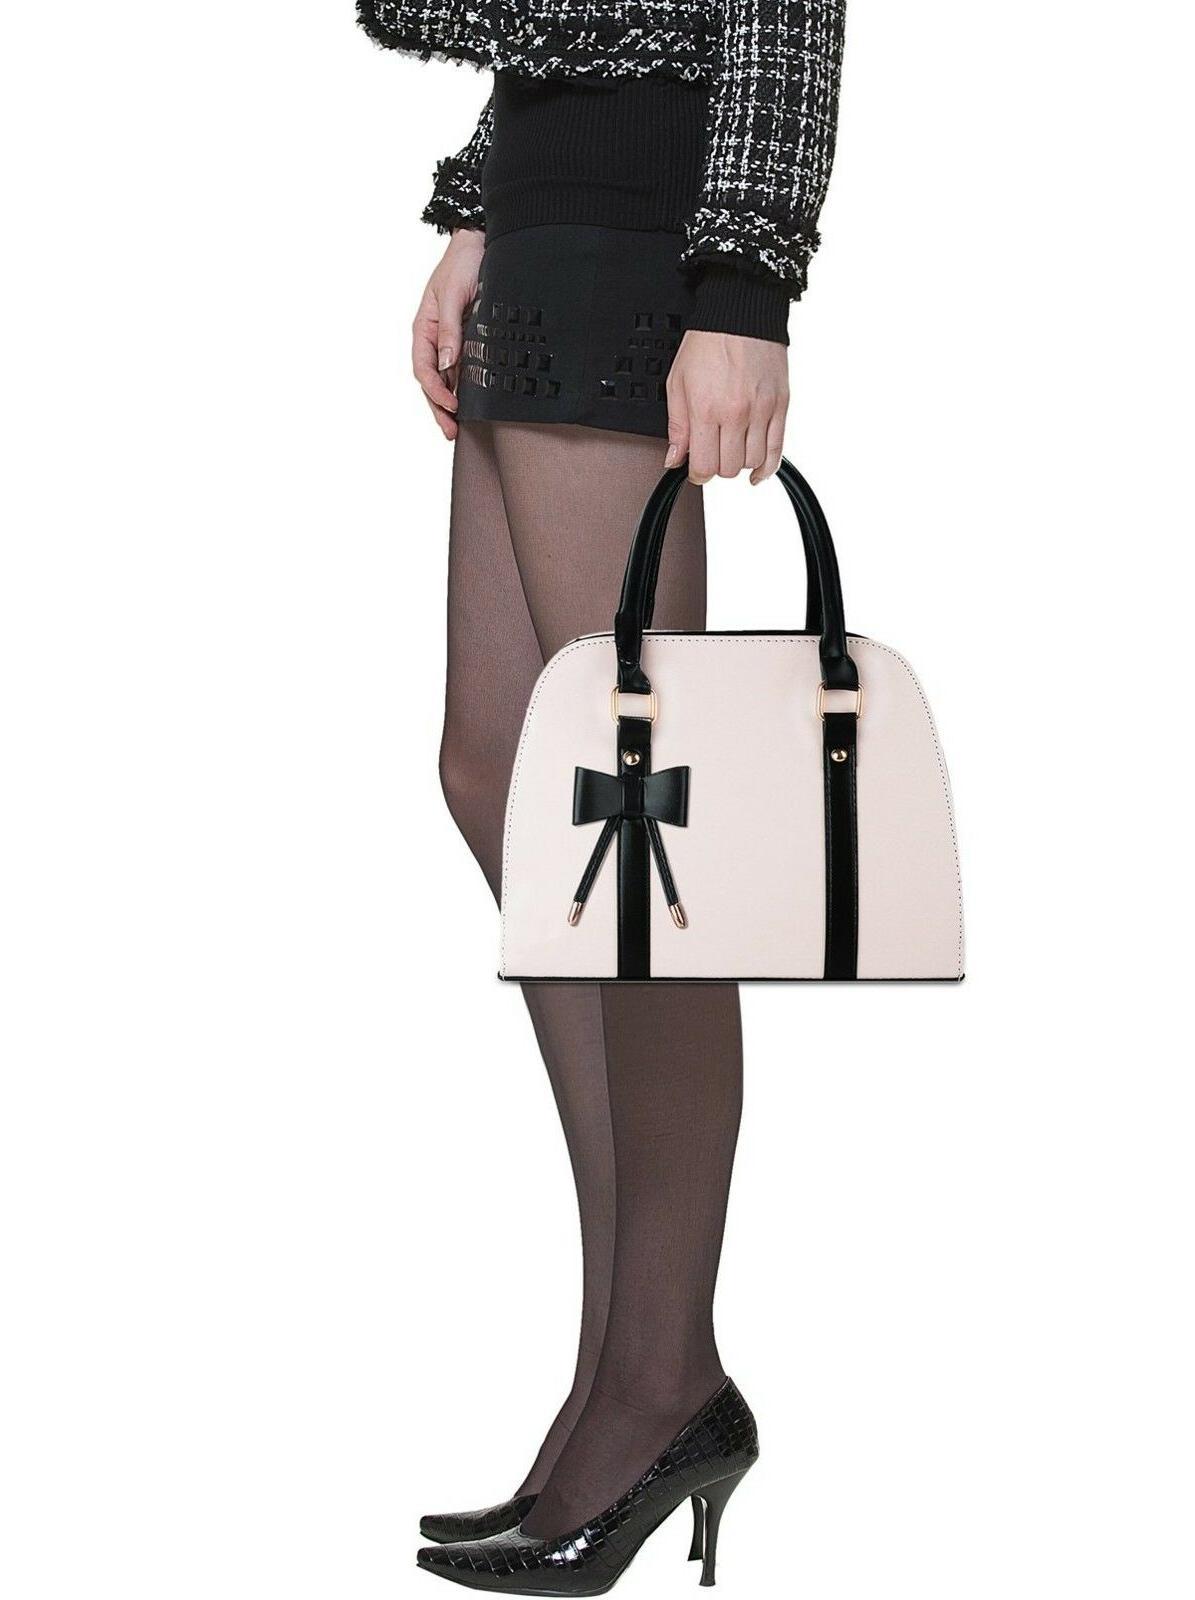 COOFIT Lady Handbag Little Bow Top-Handle Shoulder Bag H